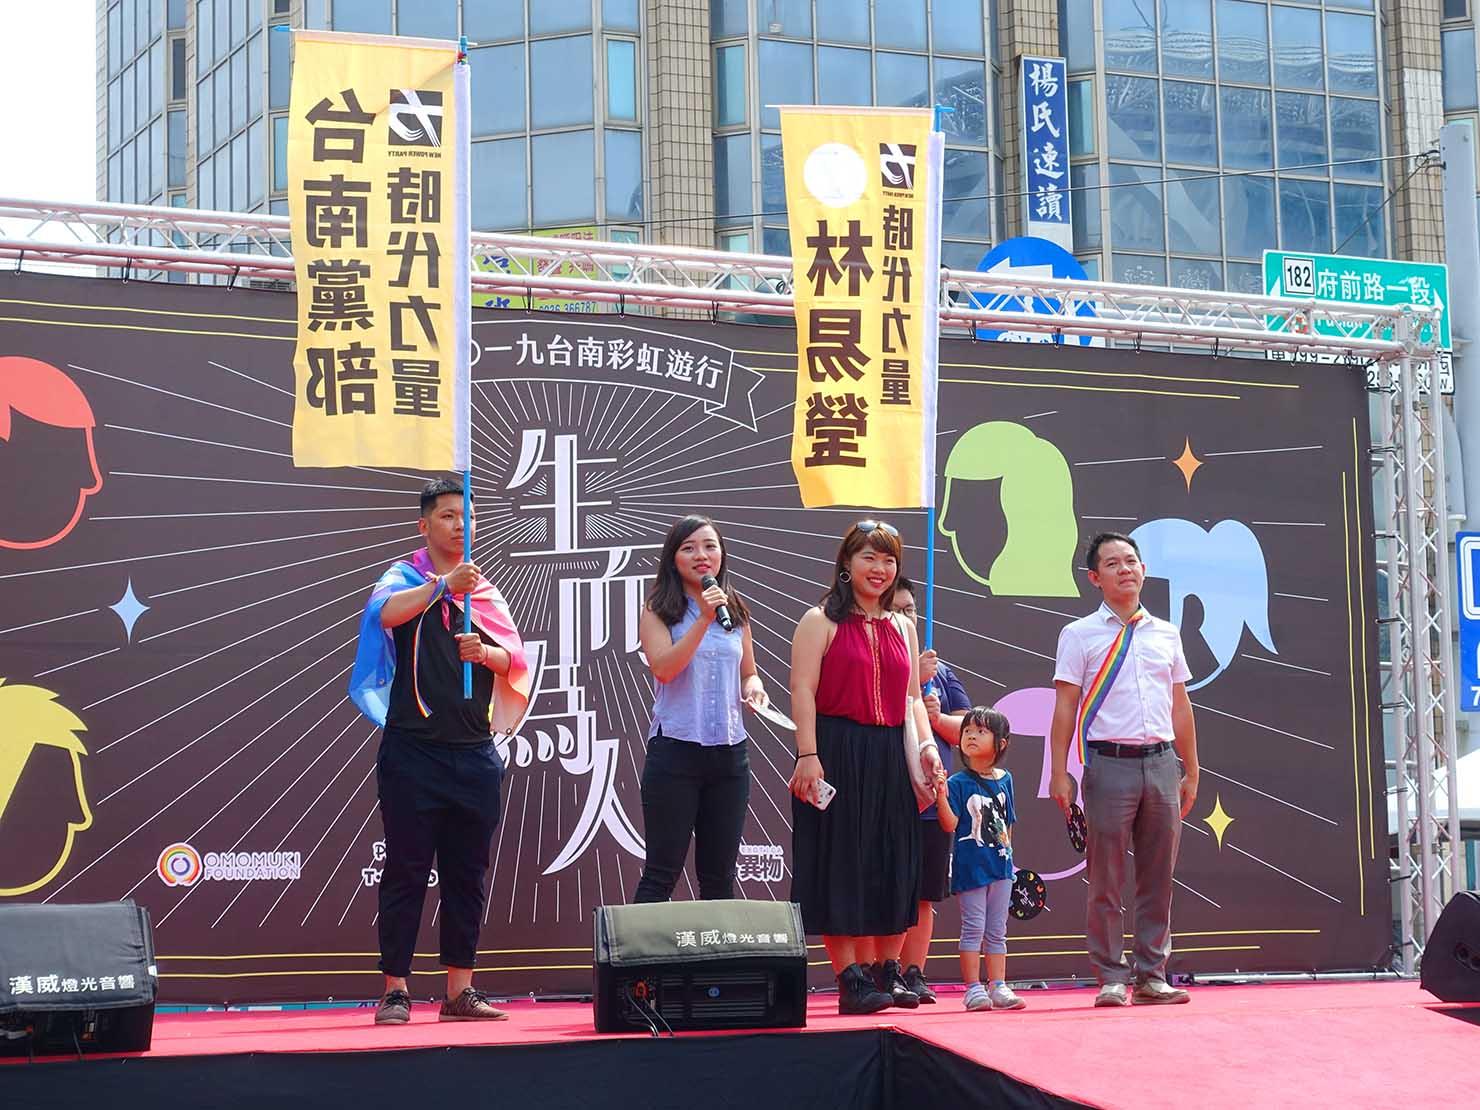 台南彩虹遊行(台南レインボーパレード)2019の会場ステージでスピーチする時代力量